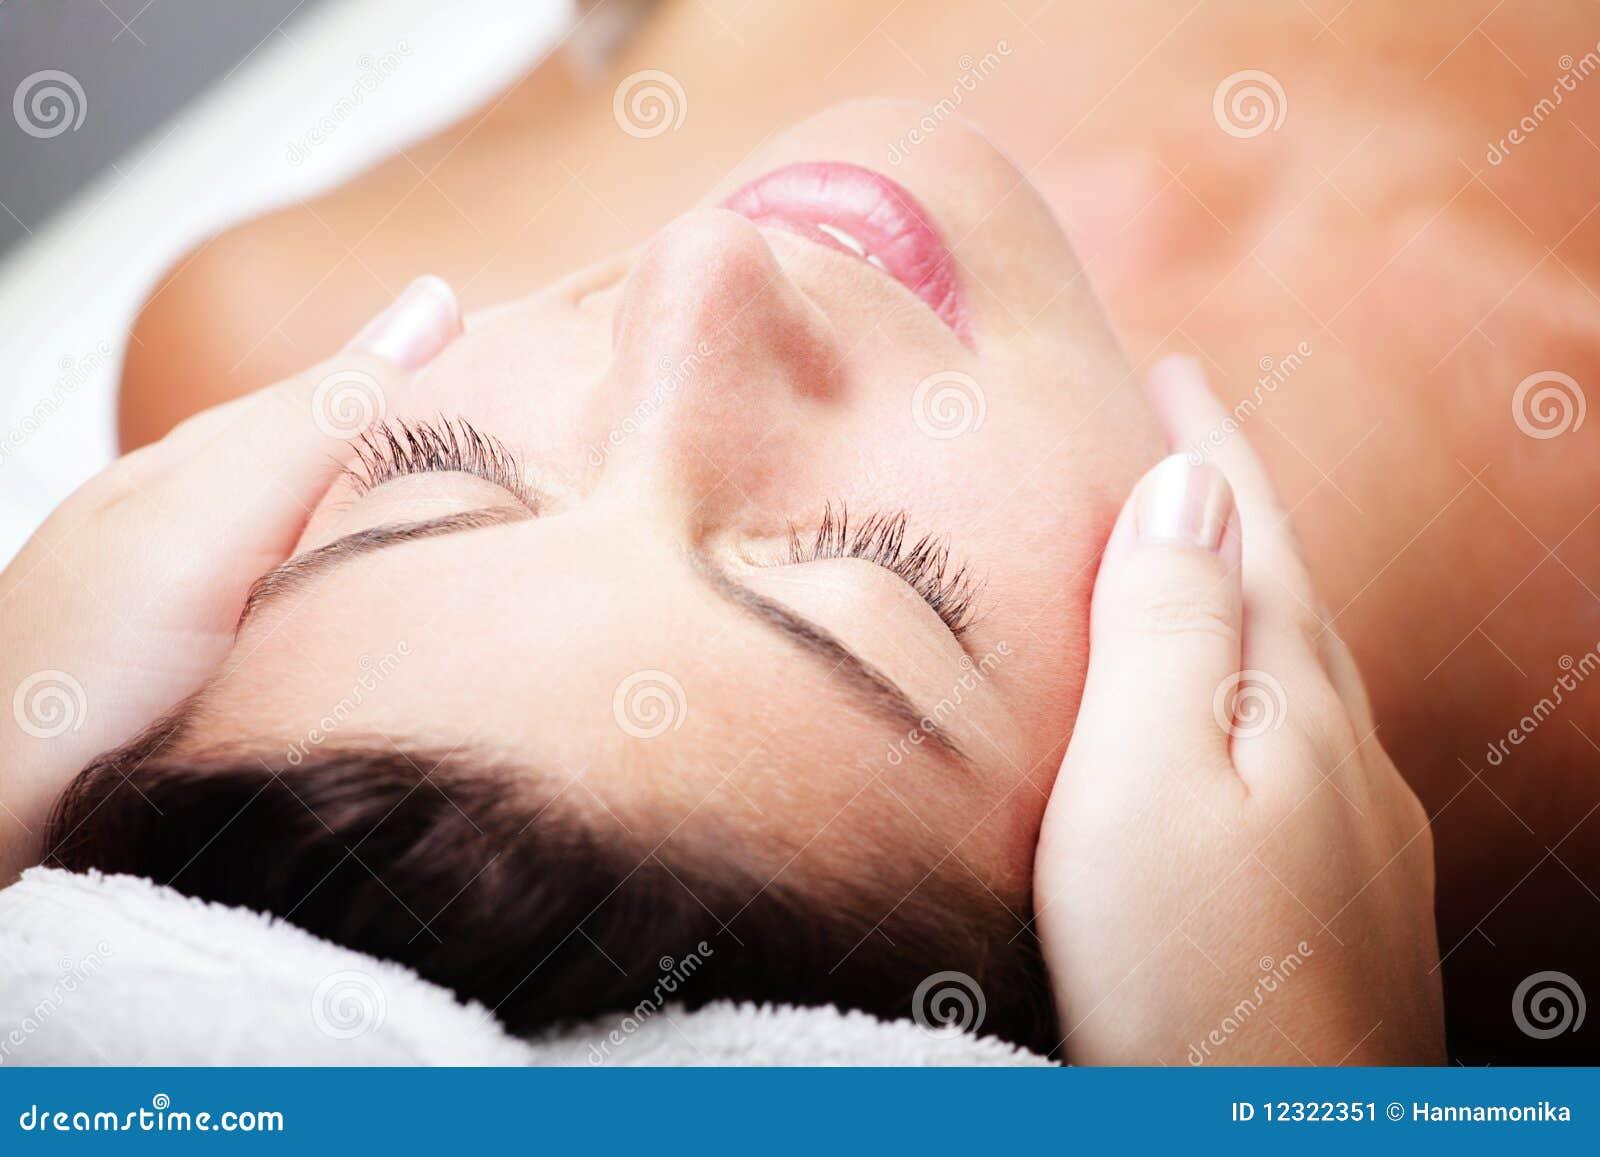 Beautiful young woman receiving facial massage.